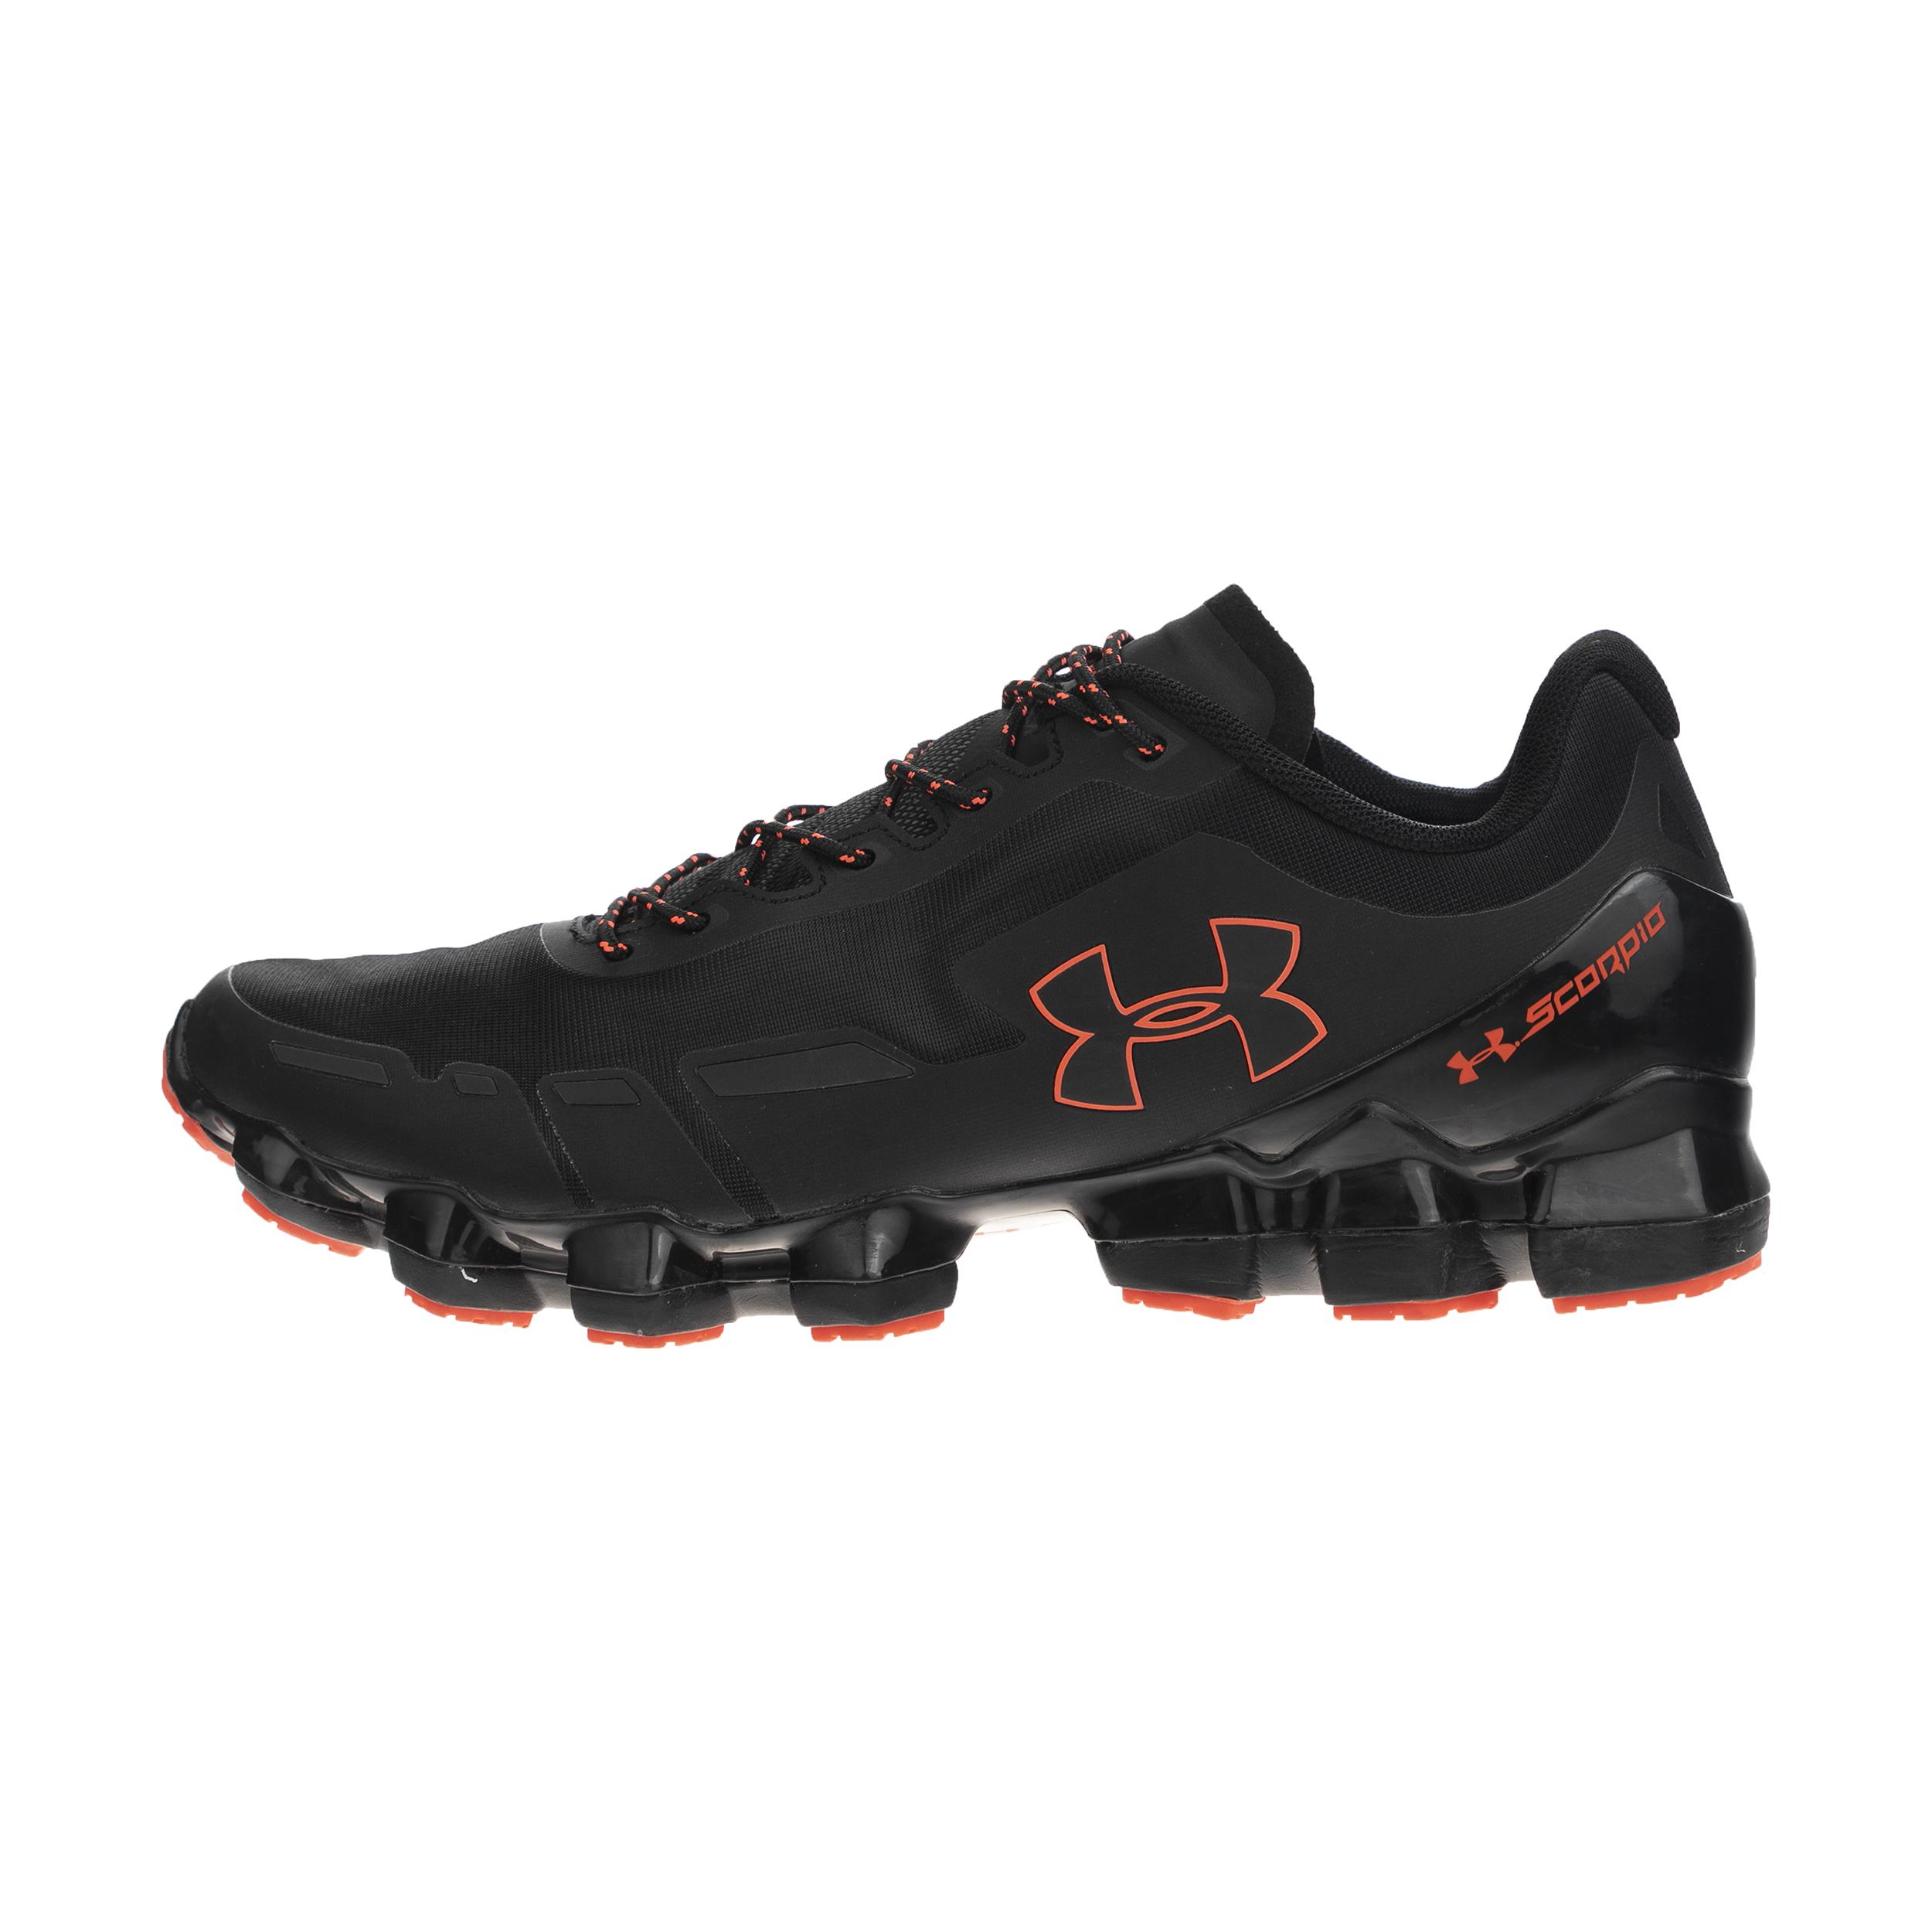 خرید                      کفش راحتی مردانه آندر آرمور مدل SCORPIO3 کد KV-1633              👟